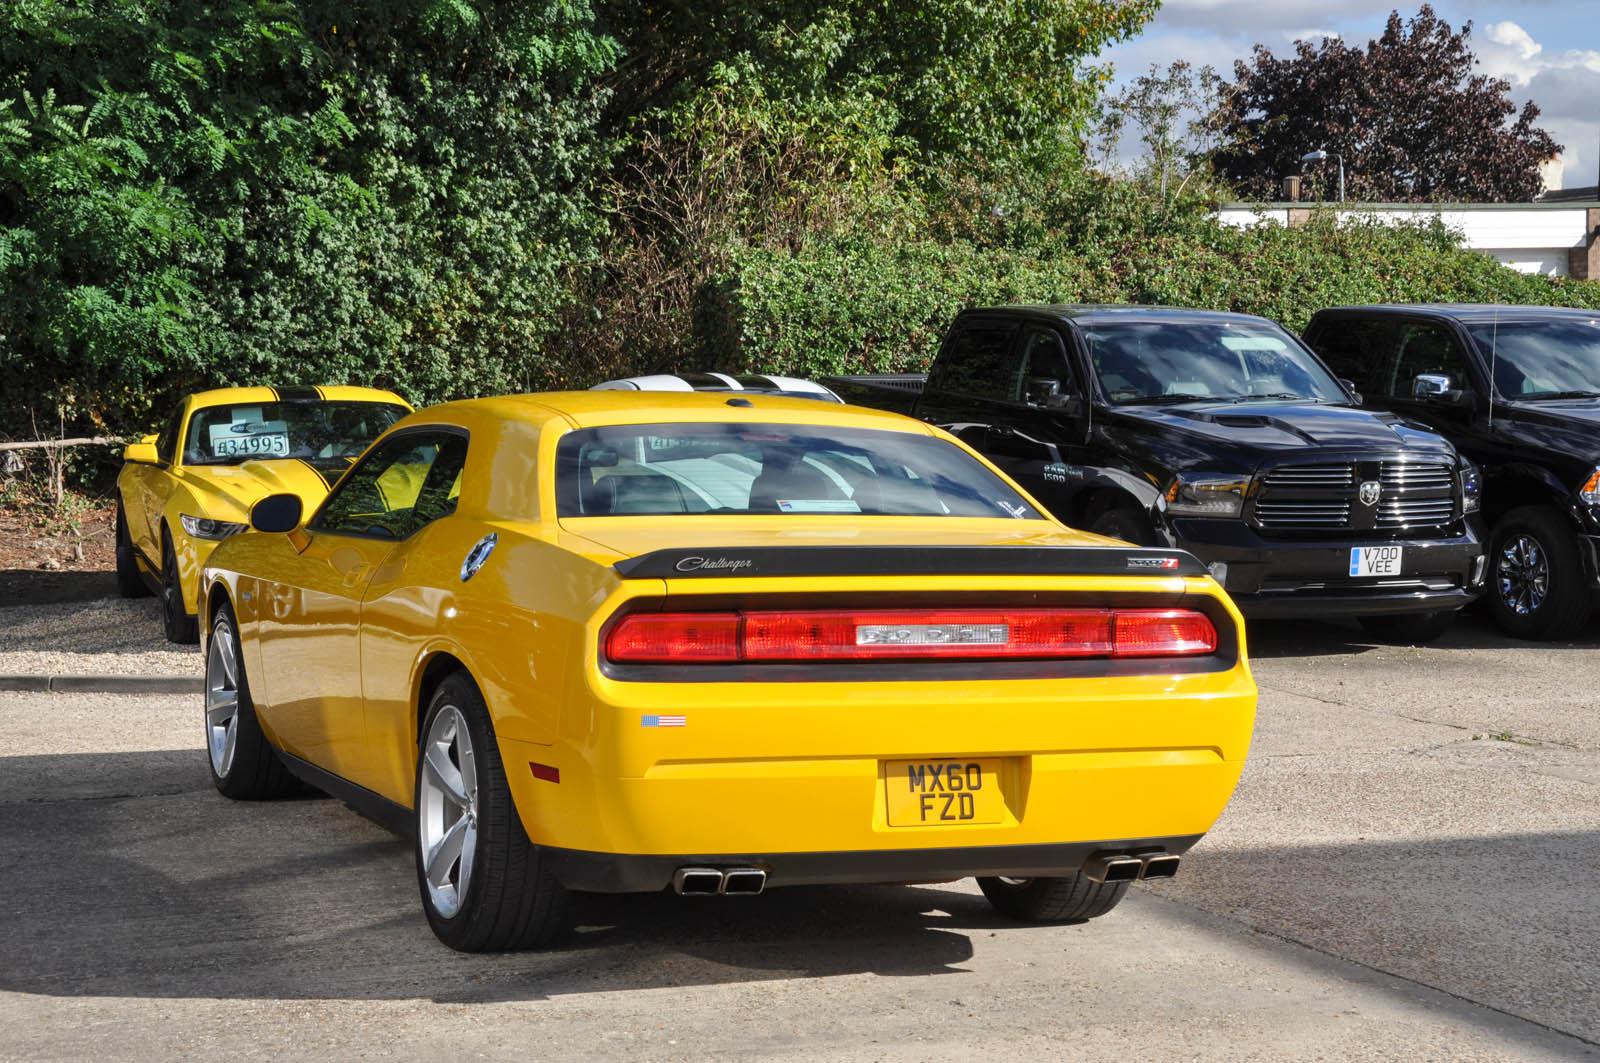 2010 Dodge Challenger Srt8 6 1 Litre V8 Auto David